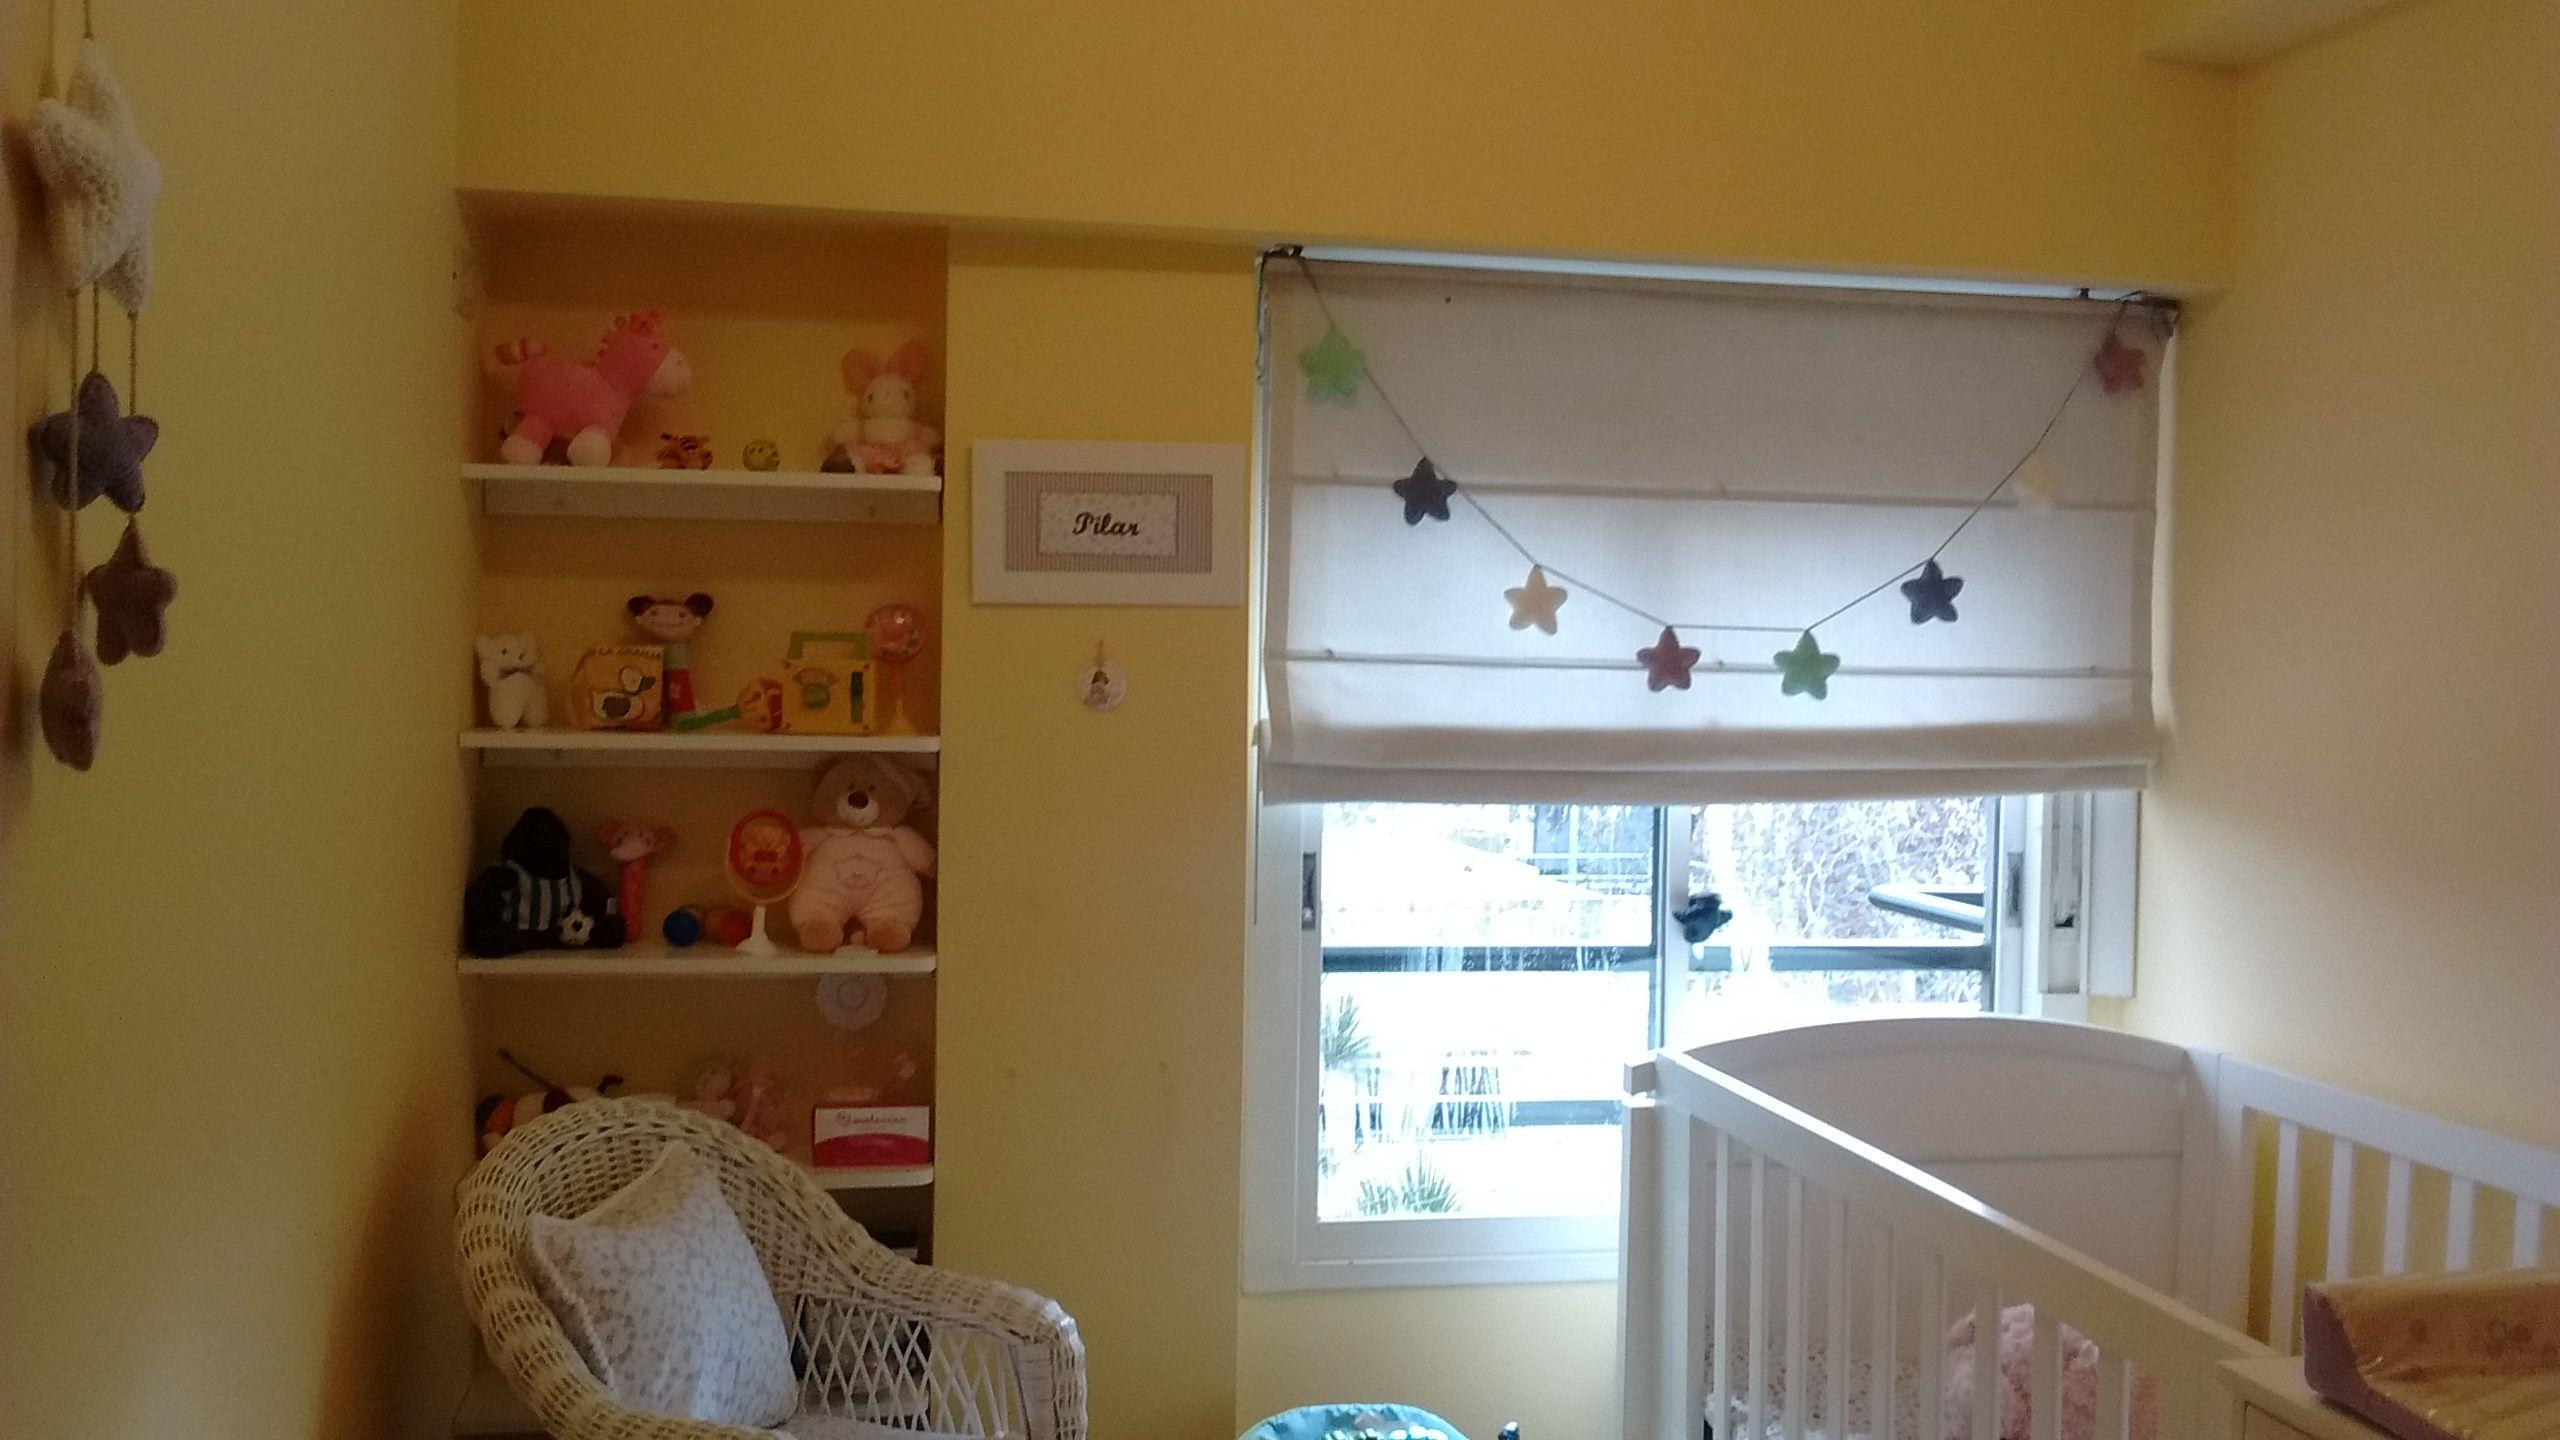 #Homedecor #Babyroom Ideas Para Decorar El Cuarto De Tu Beb